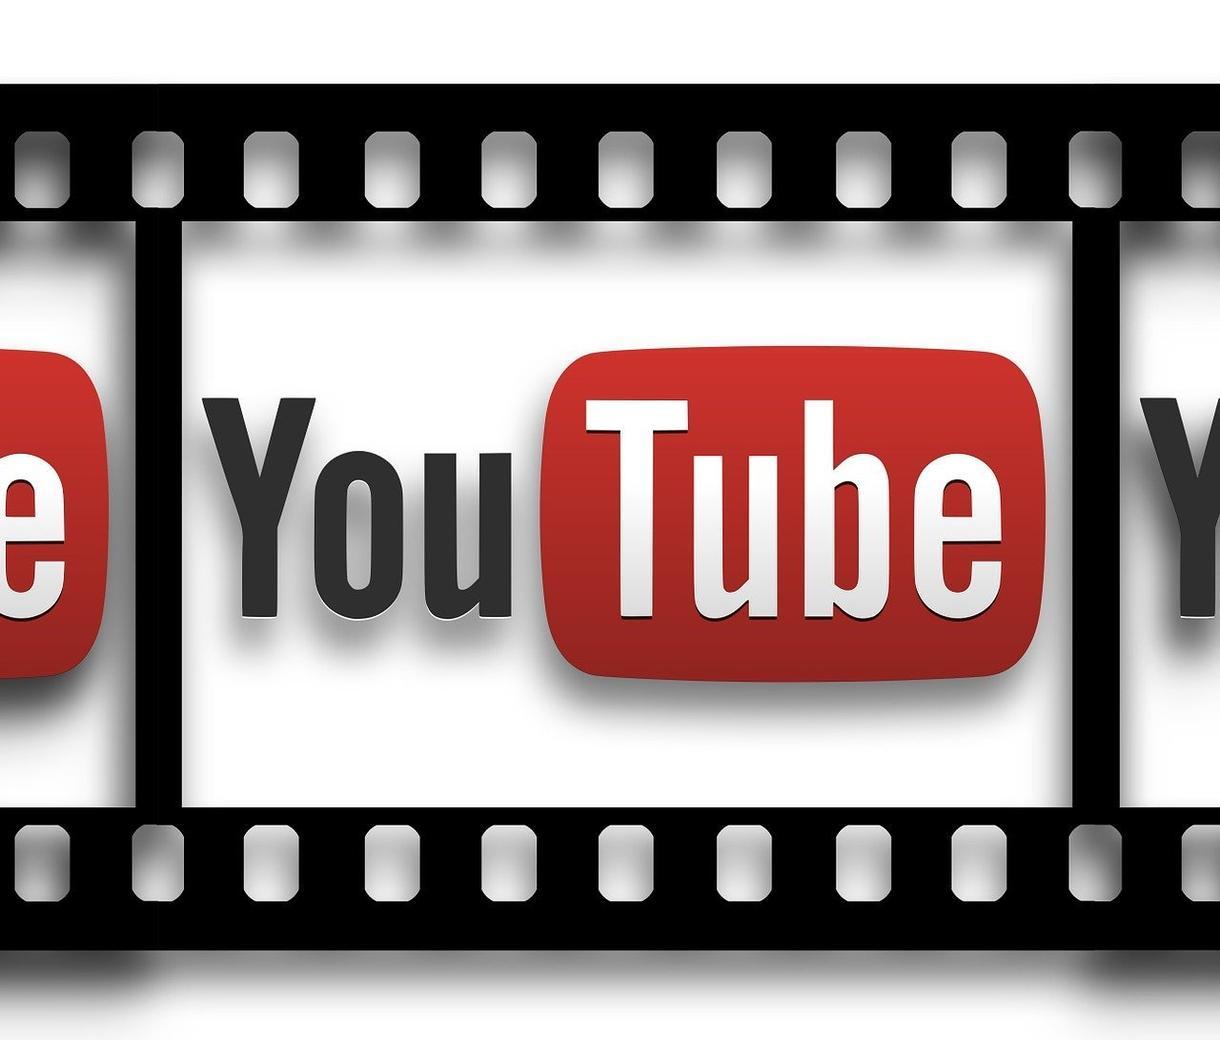 格安でYouTube用の動画編集します 期間限定!お試し30秒無料!1動画2000円で承ります! イメージ1